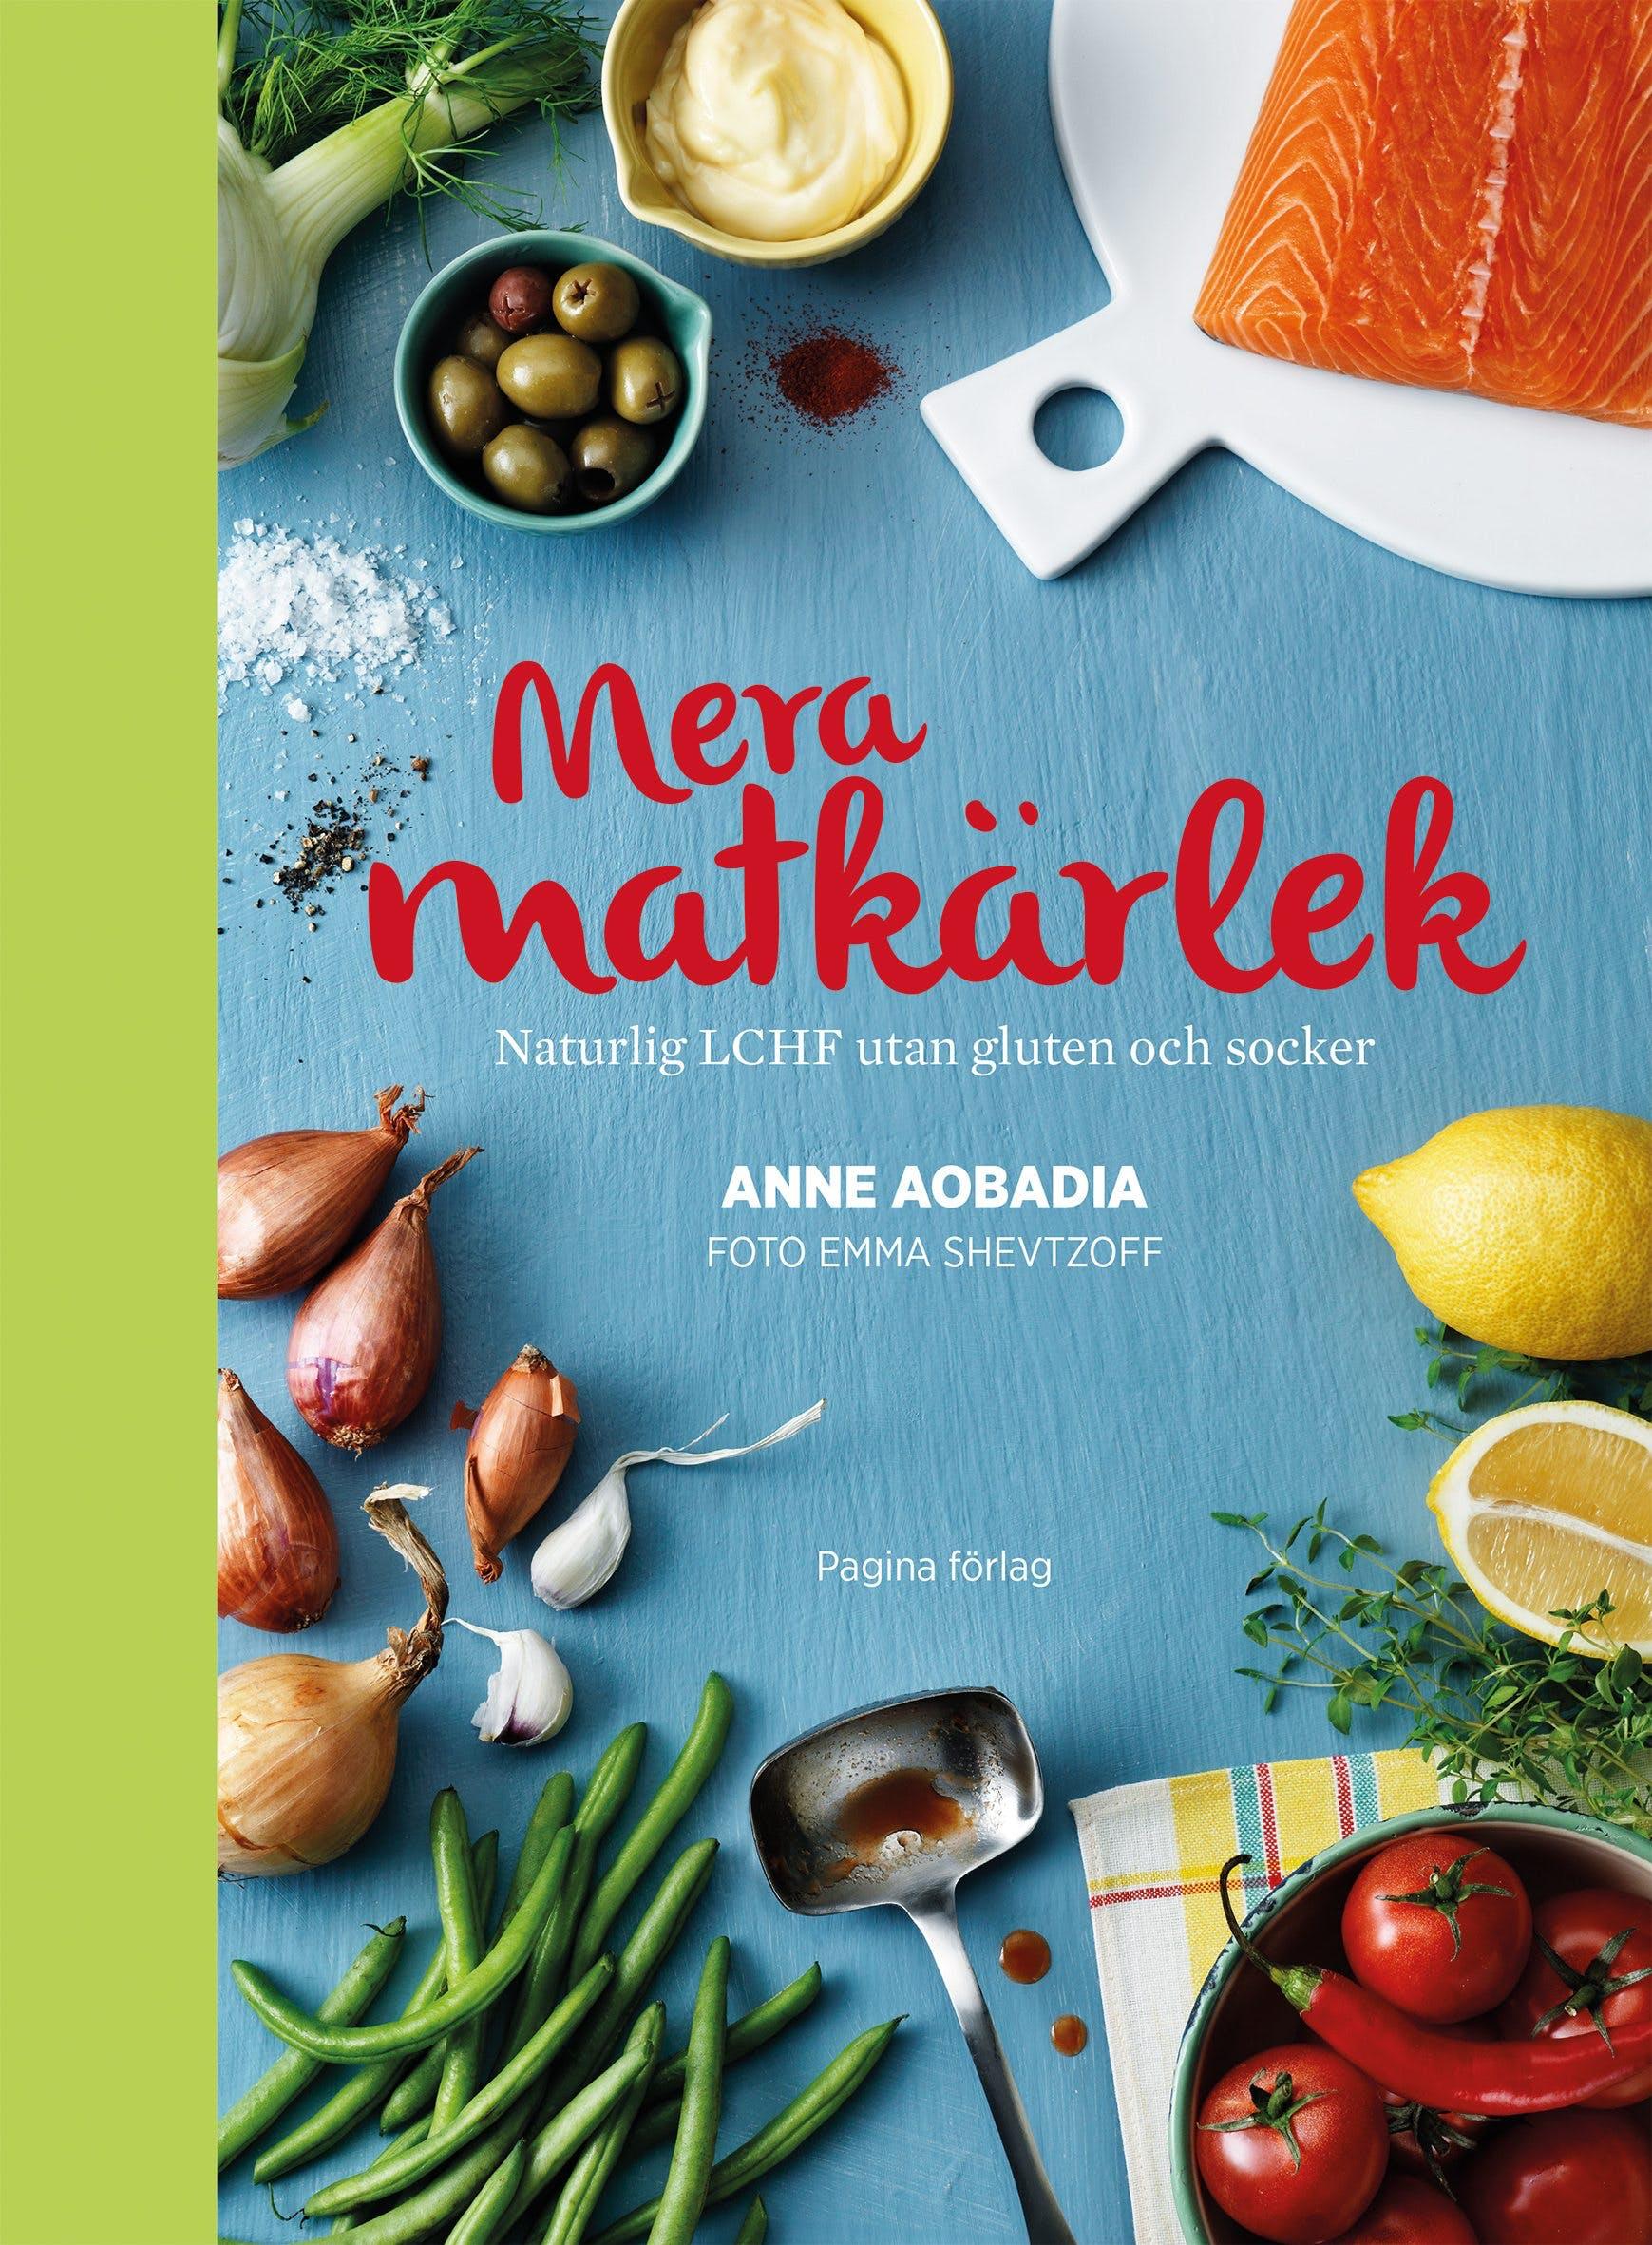 Mera matkärlek –uppföljaren till den bästa LCHF-kokboken